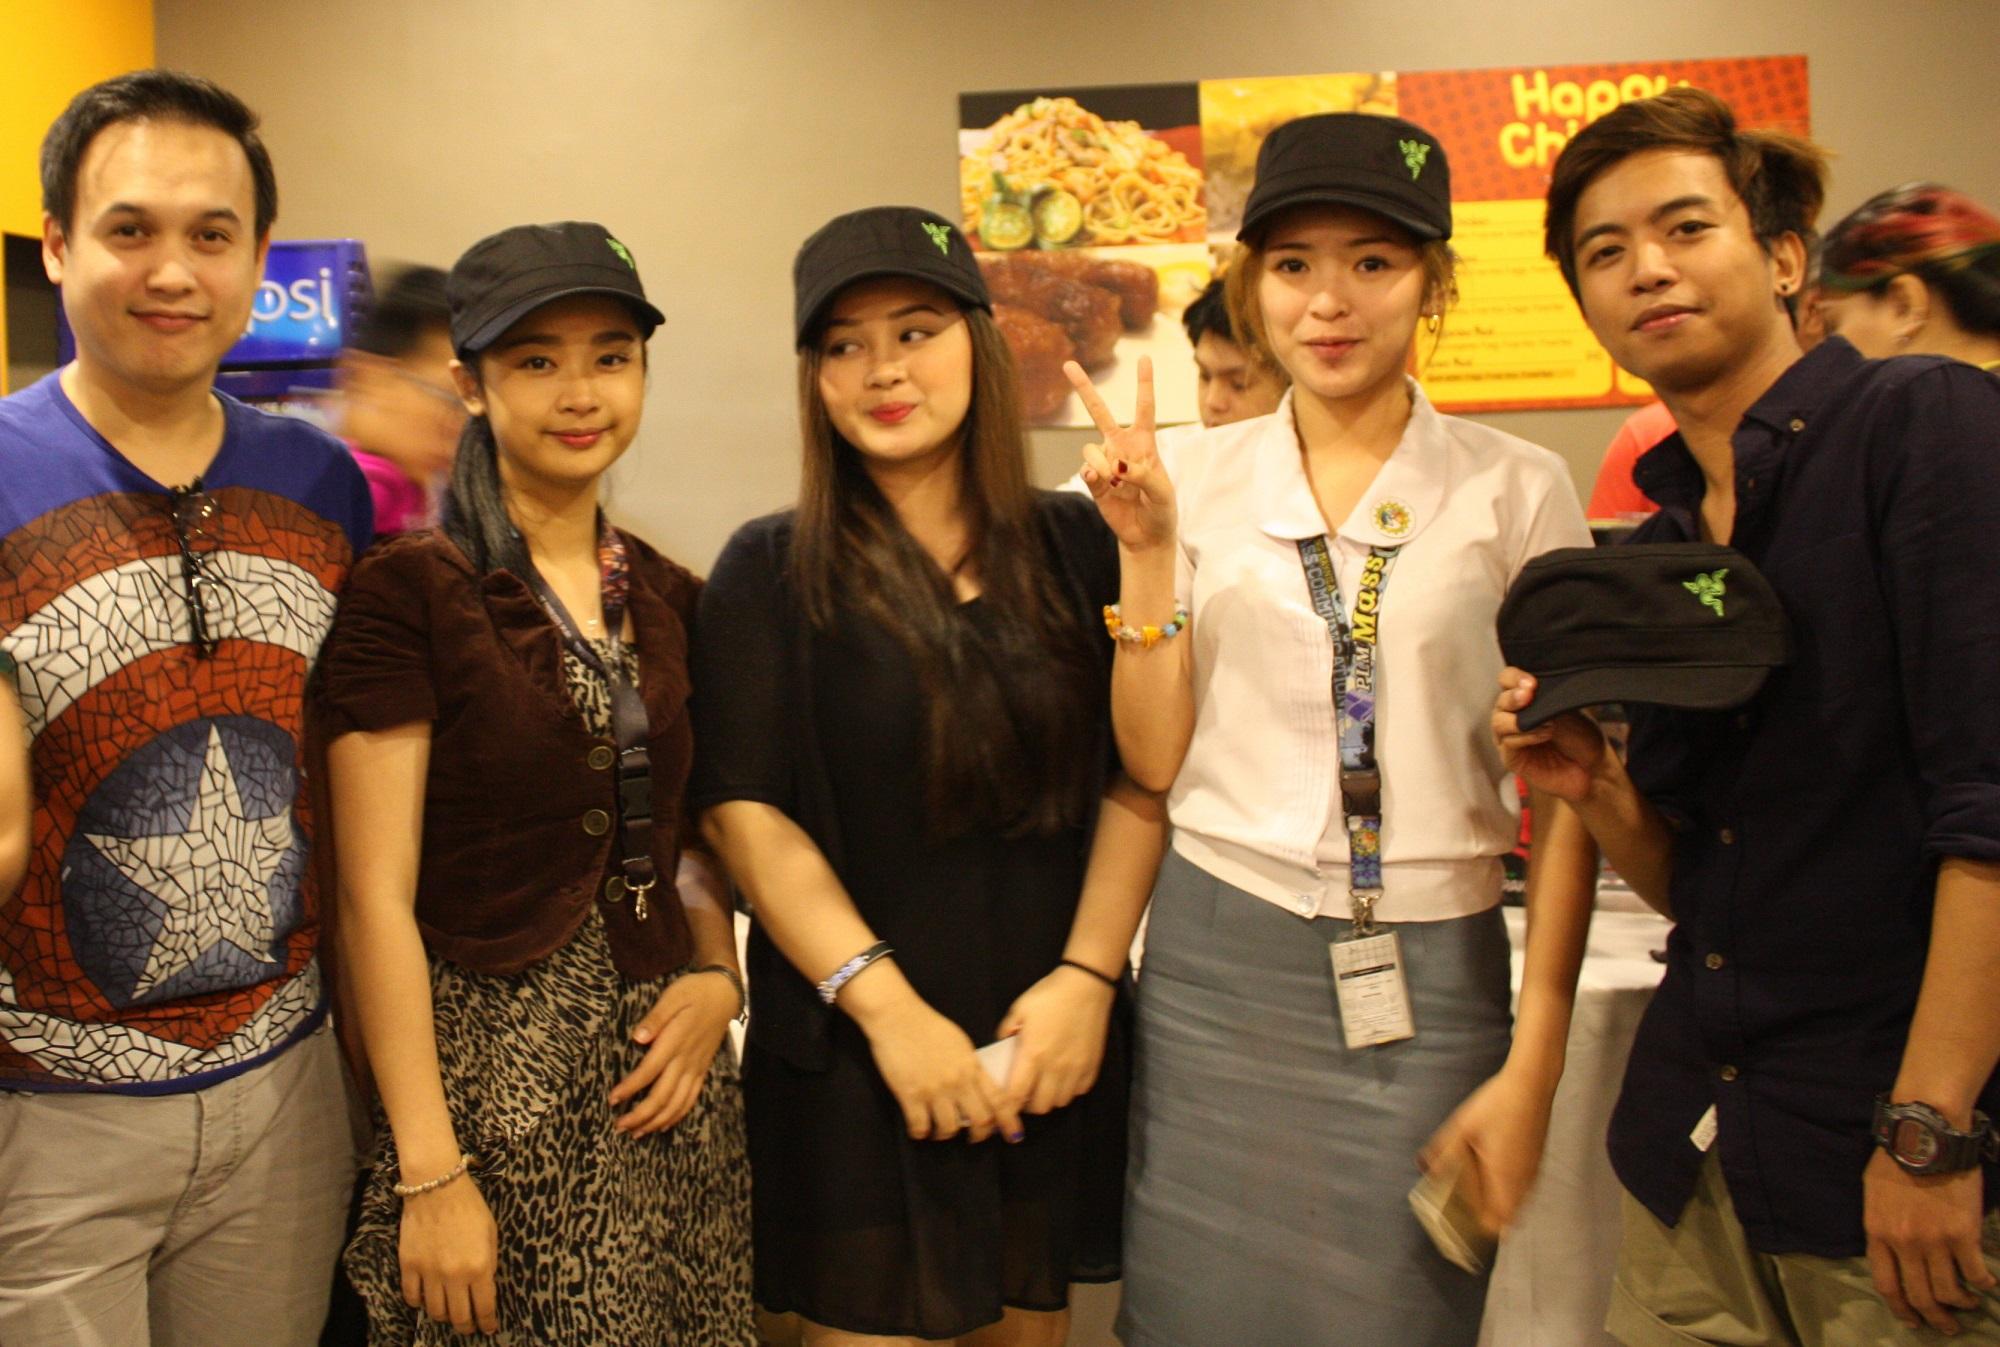 Alodia Celebrates Birthday At Mi Katipunan With Surprise Dota 2 Mini